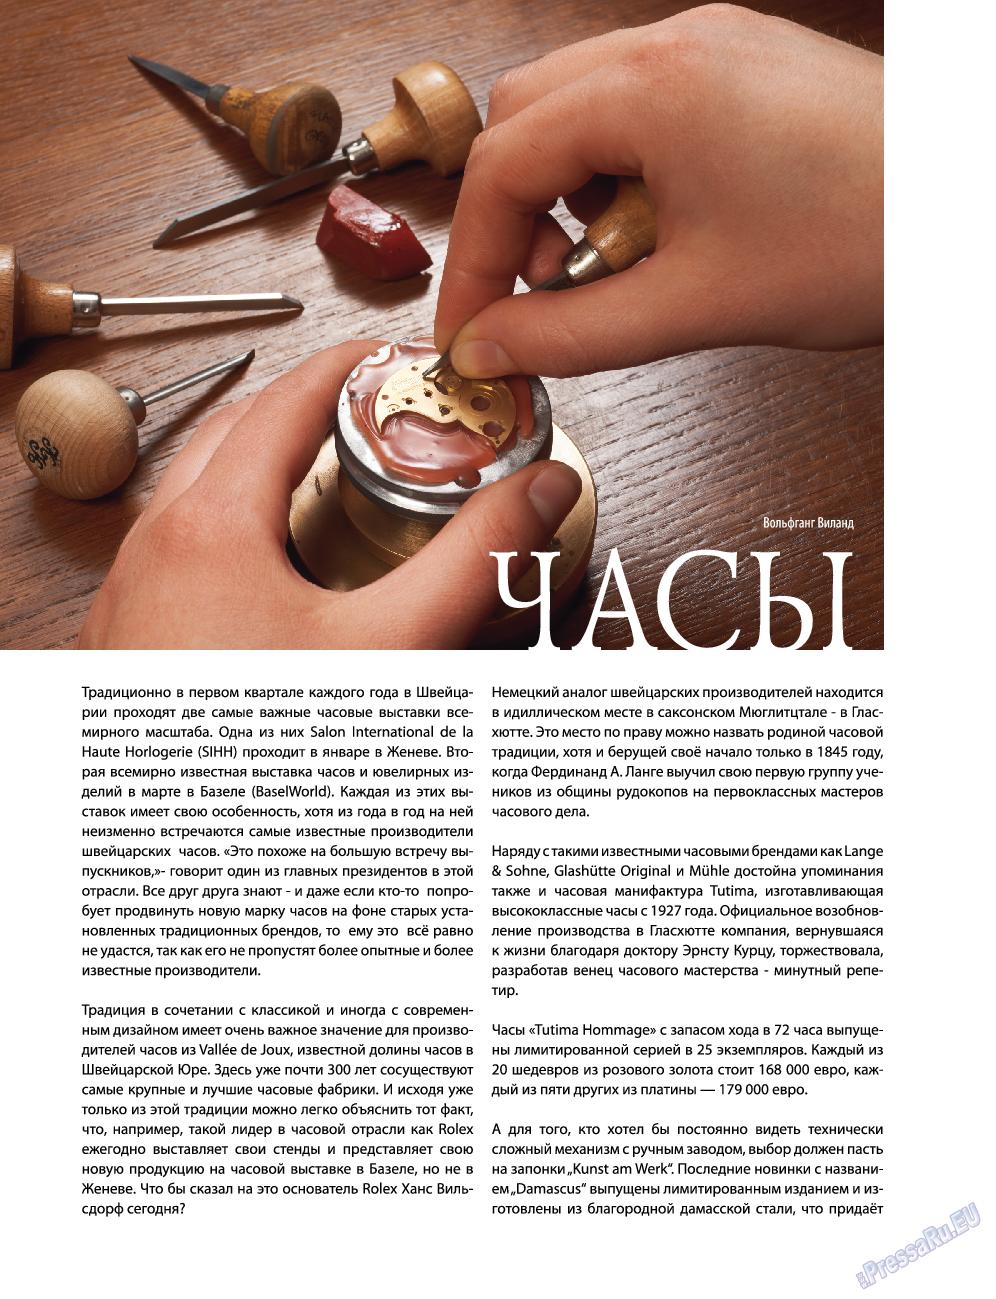 Клан (журнал). 2012 год, номер 2, стр. 36